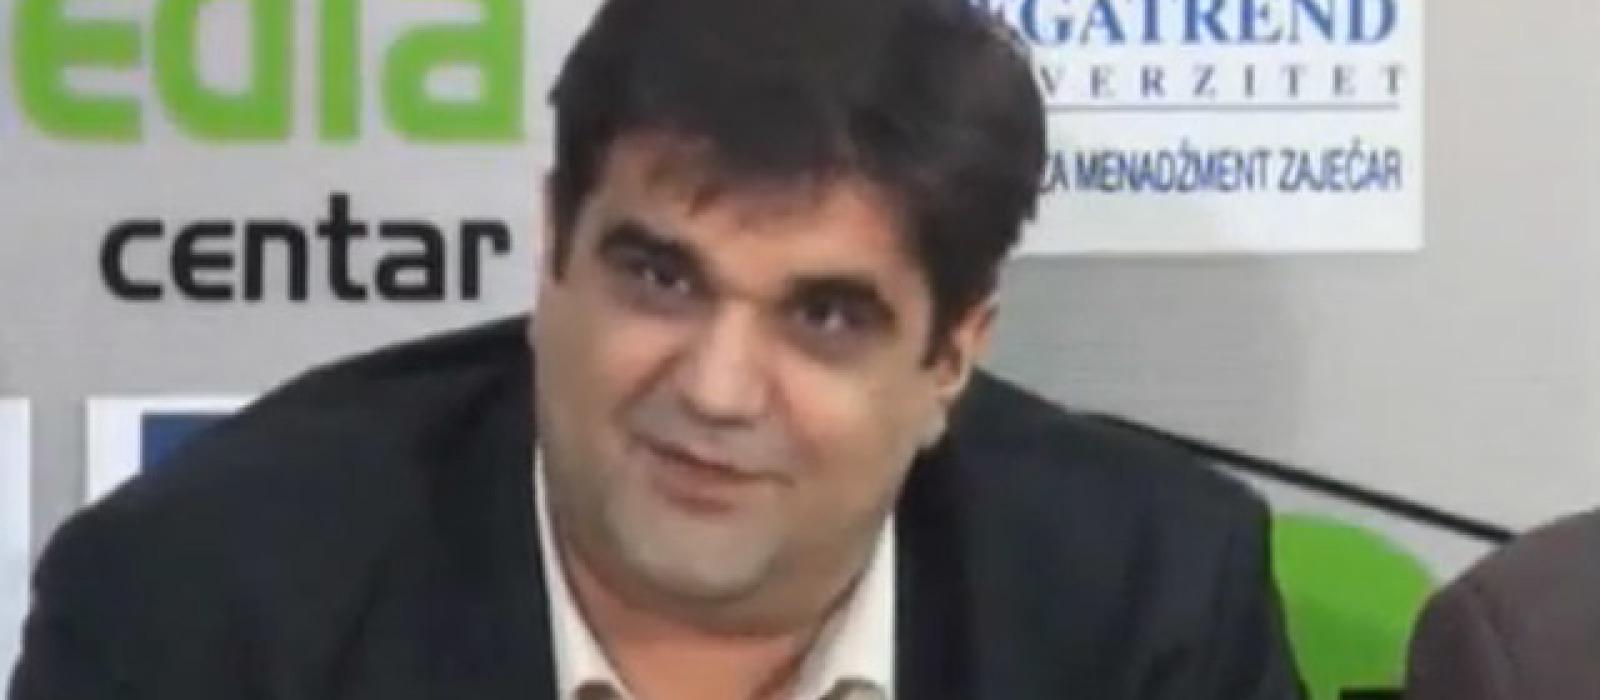 Mirković traži razrešenje Radomira Nikolića?!?